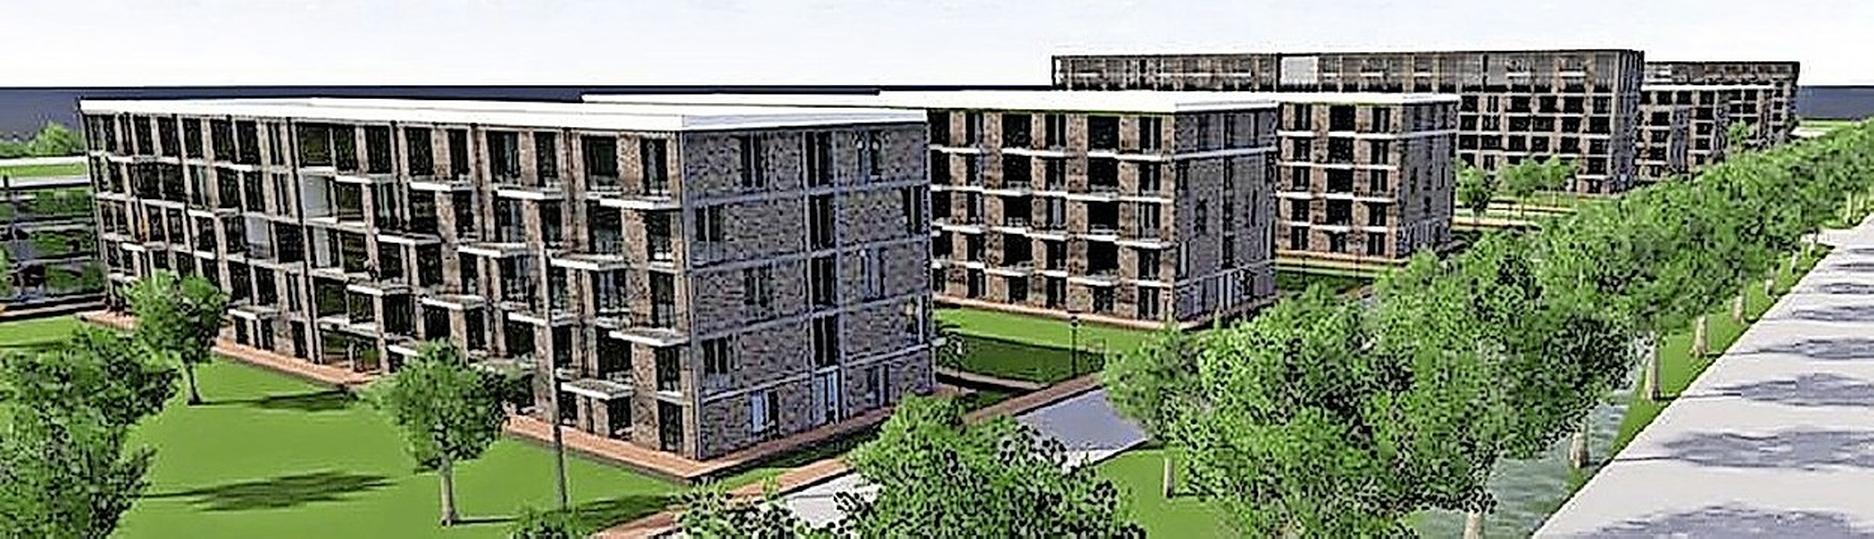 Tijdelijke woningen aan Oosterdreef Nieuw-Vennep